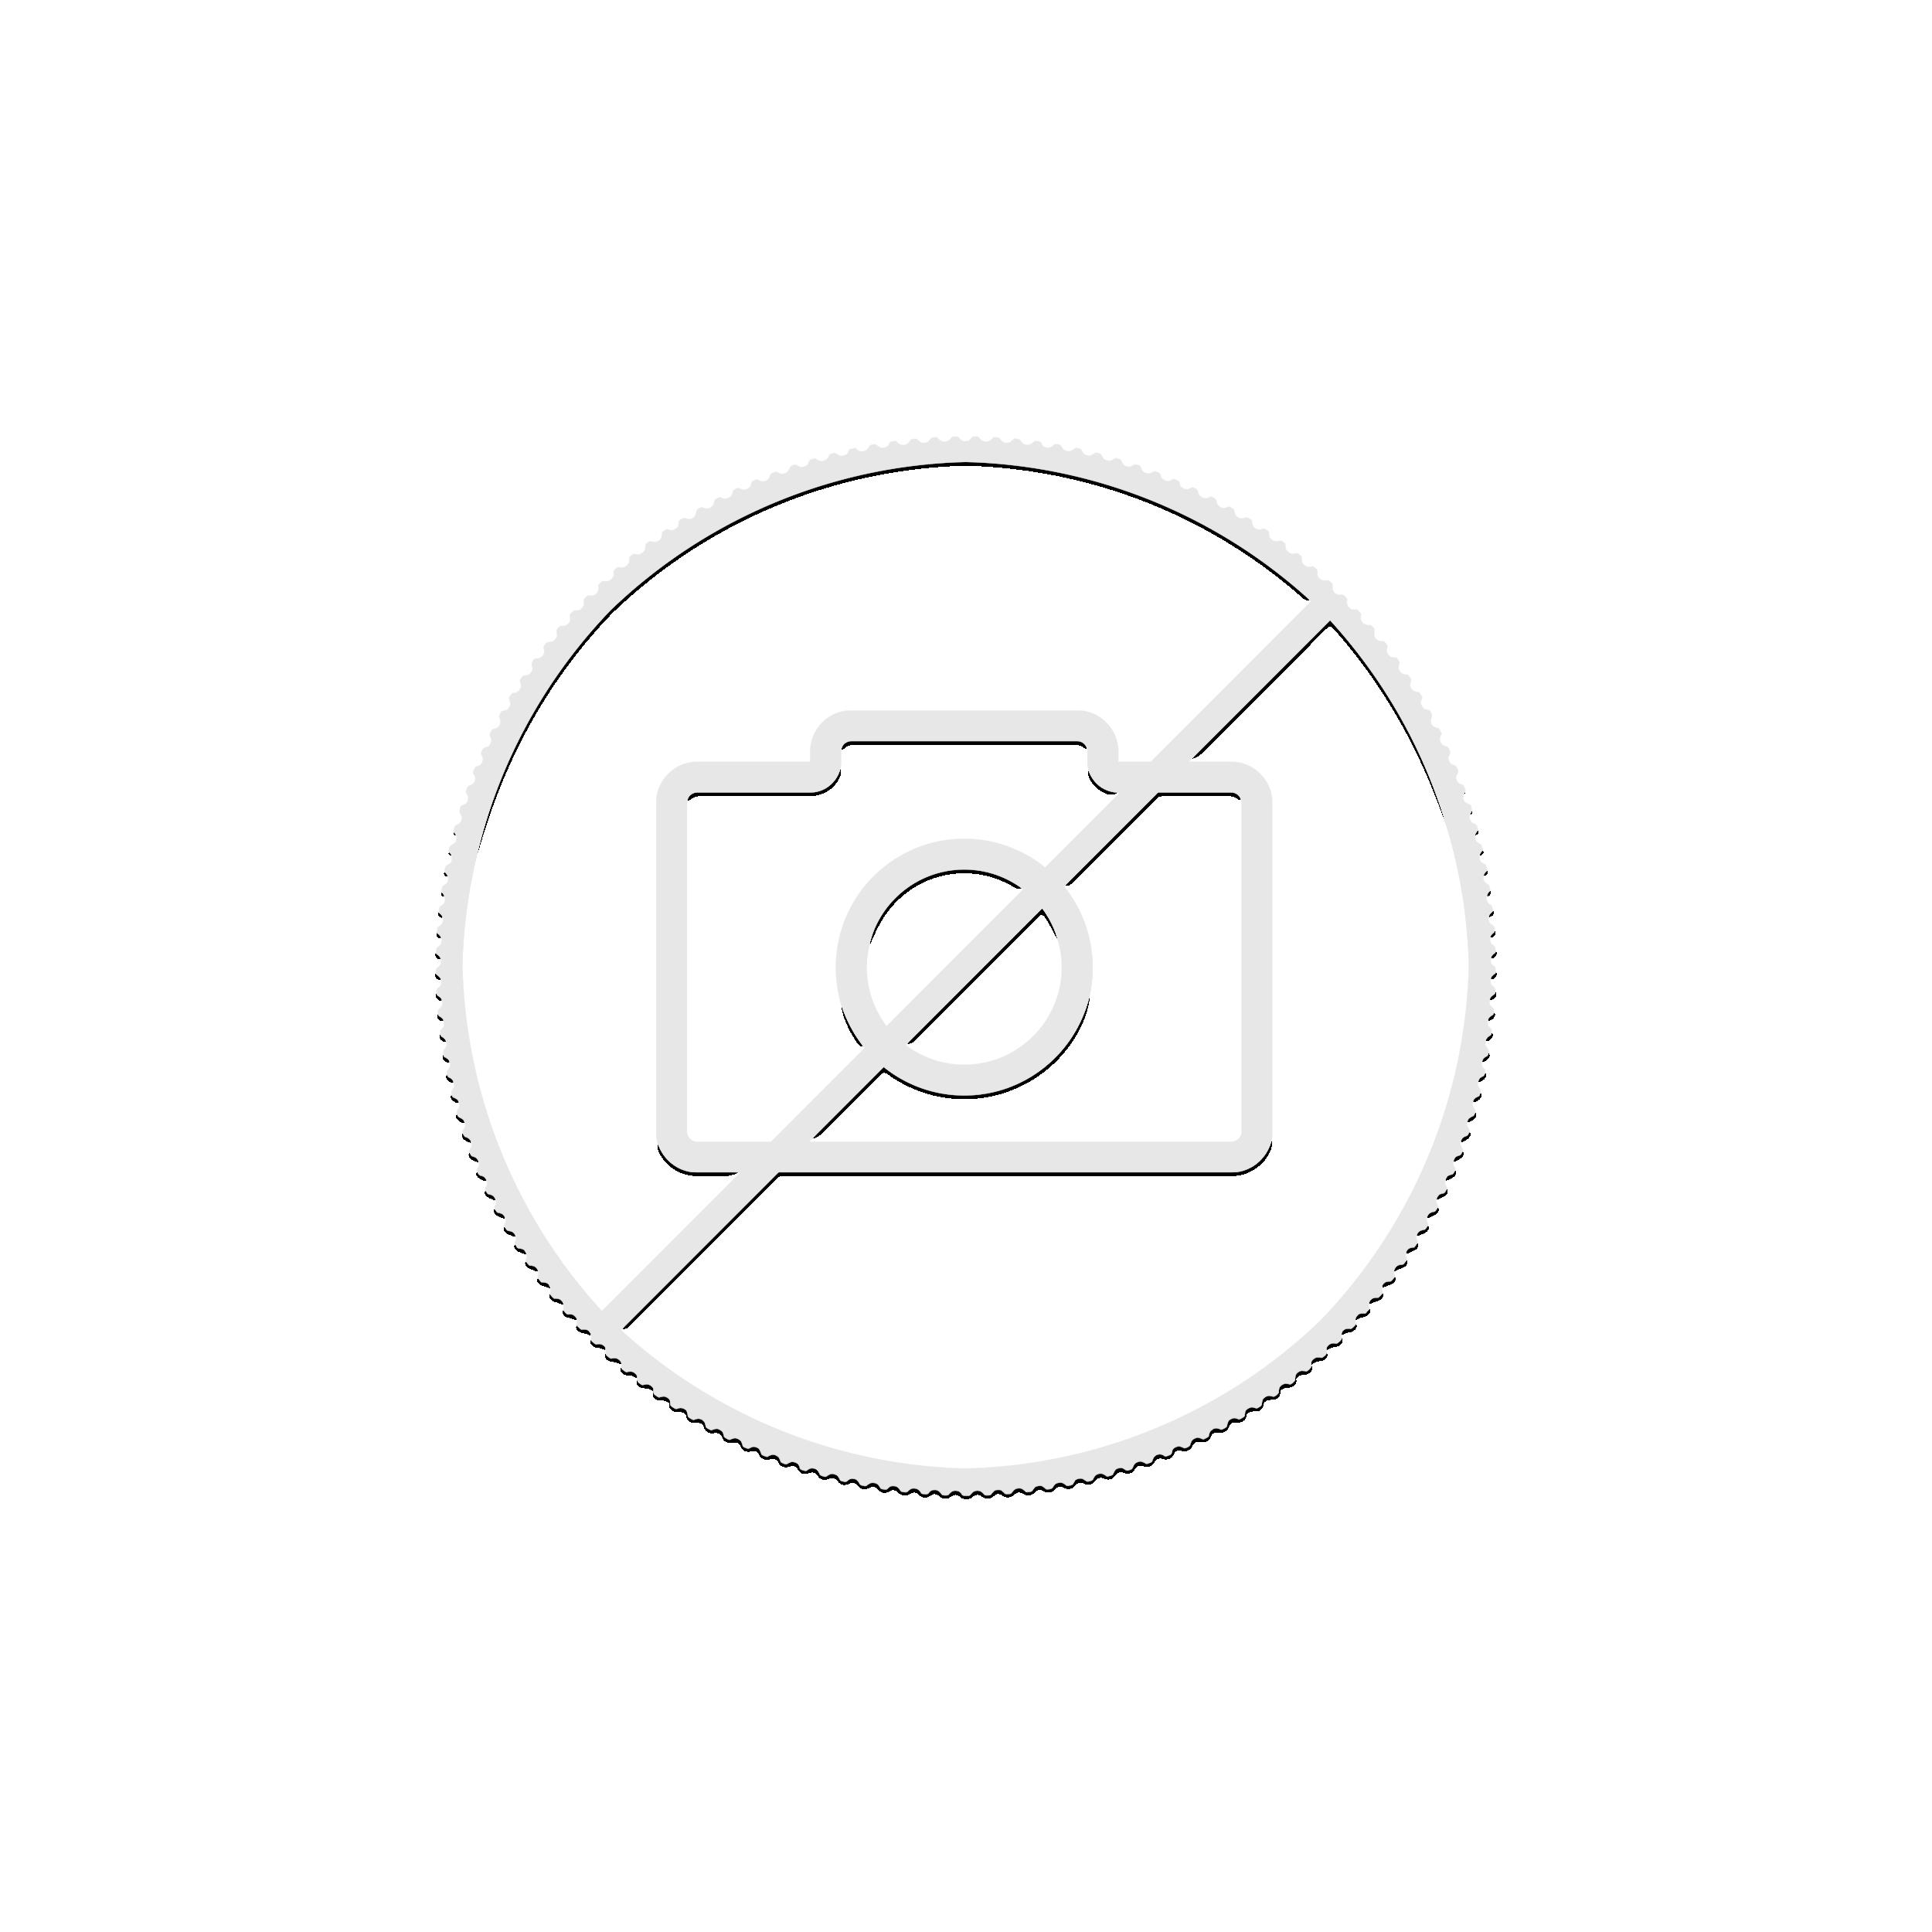 2 troy ounce vergulde zilveren munt Kookaburra 2020 Proof